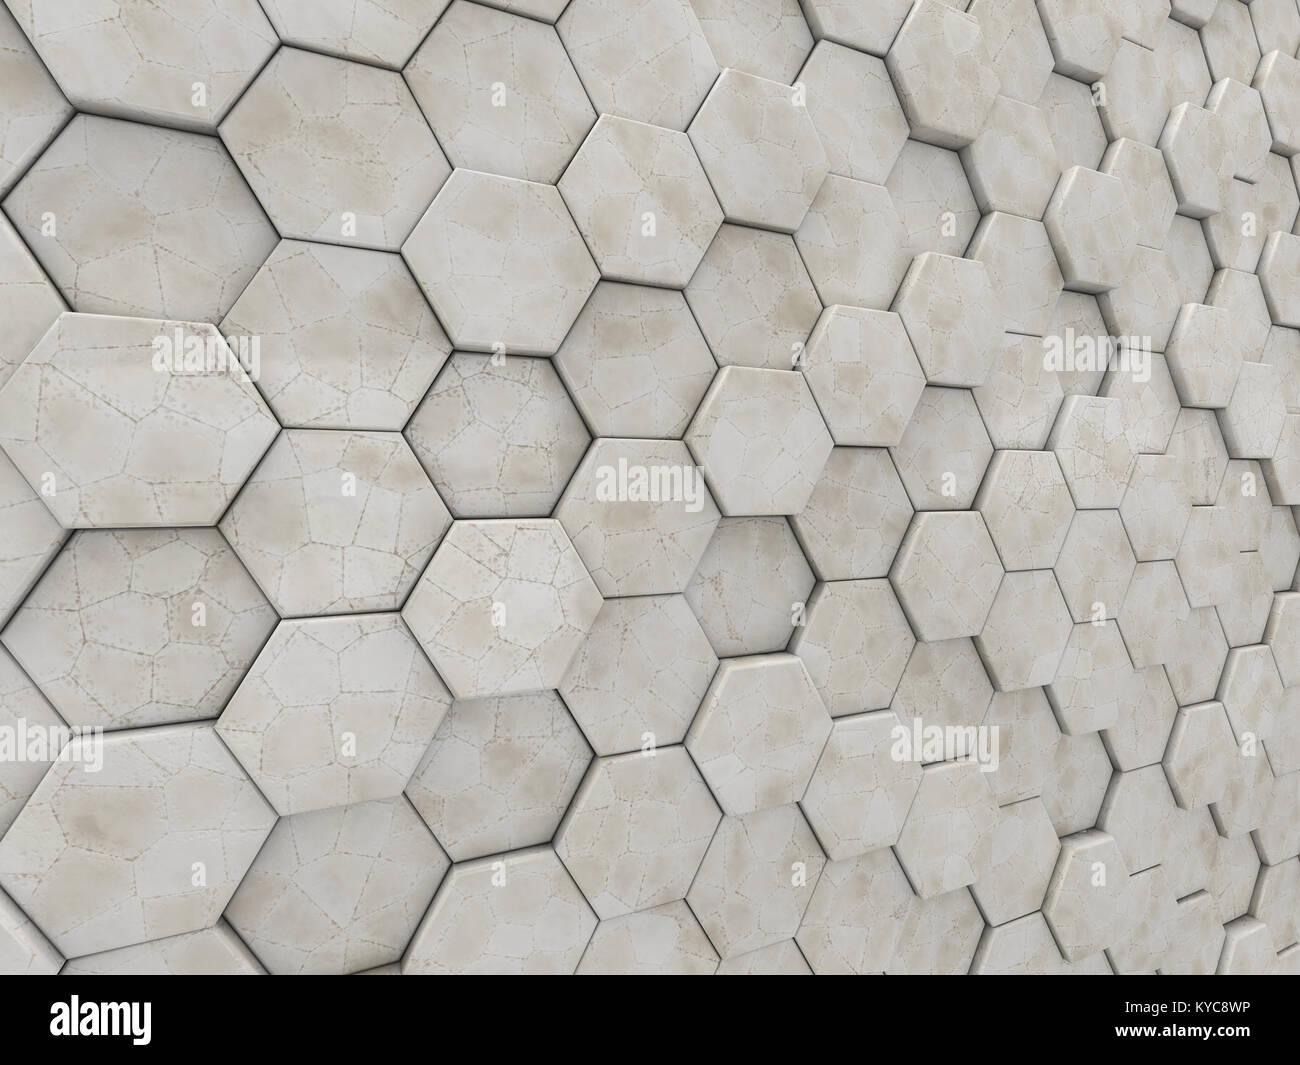 Fondo abstracto geométrico de mármol de hexaedros. 3D rendering Imagen De Stock